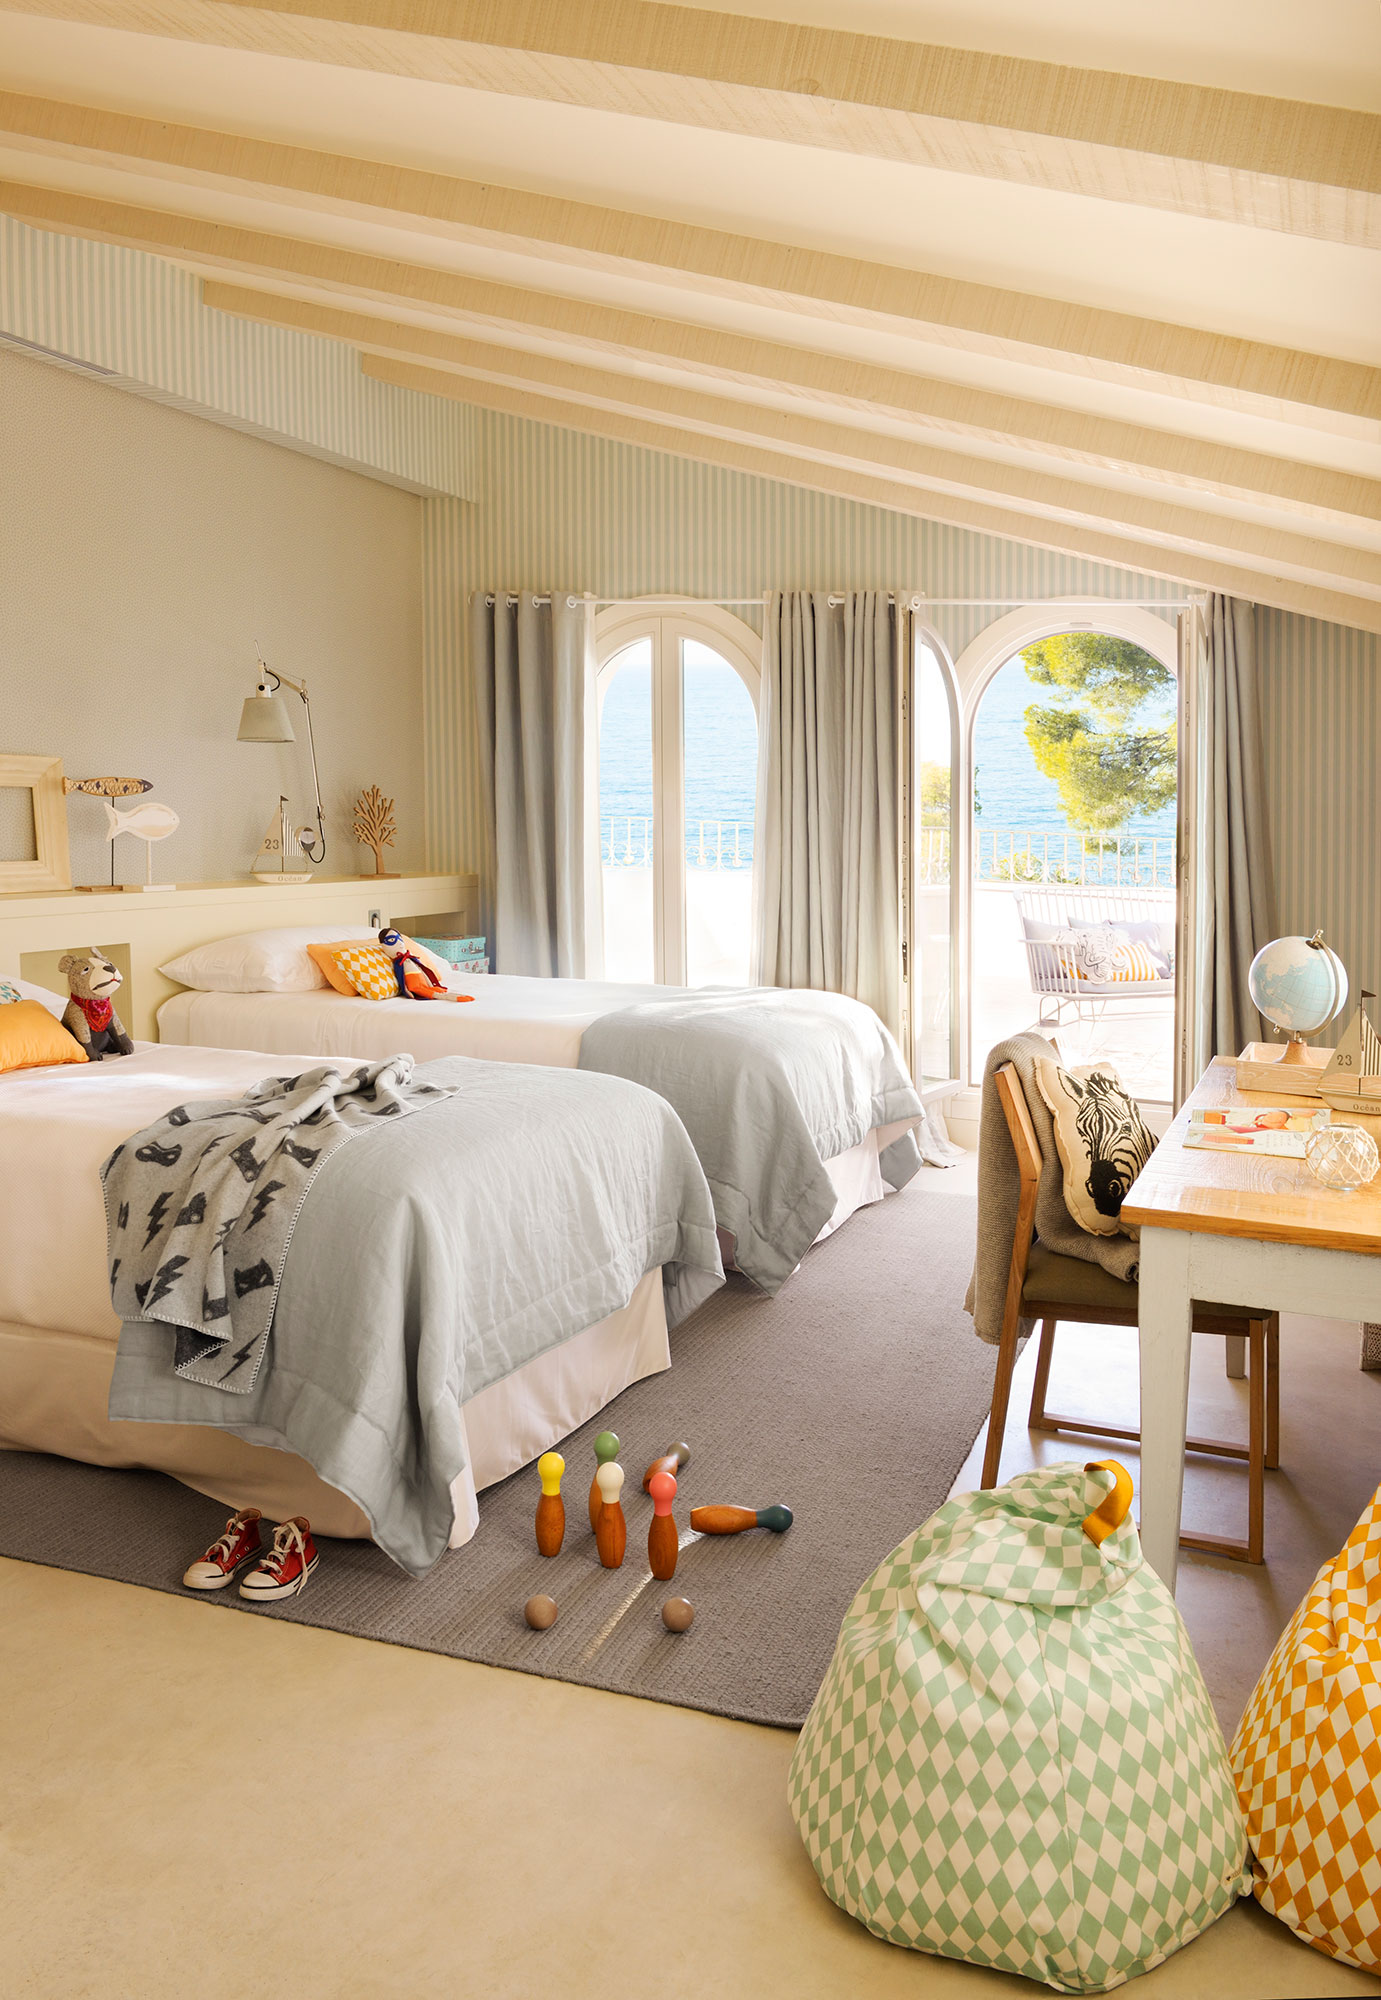 Papel pintado en dormitorios perfect habitacion infantil for Papel pared dormitorio